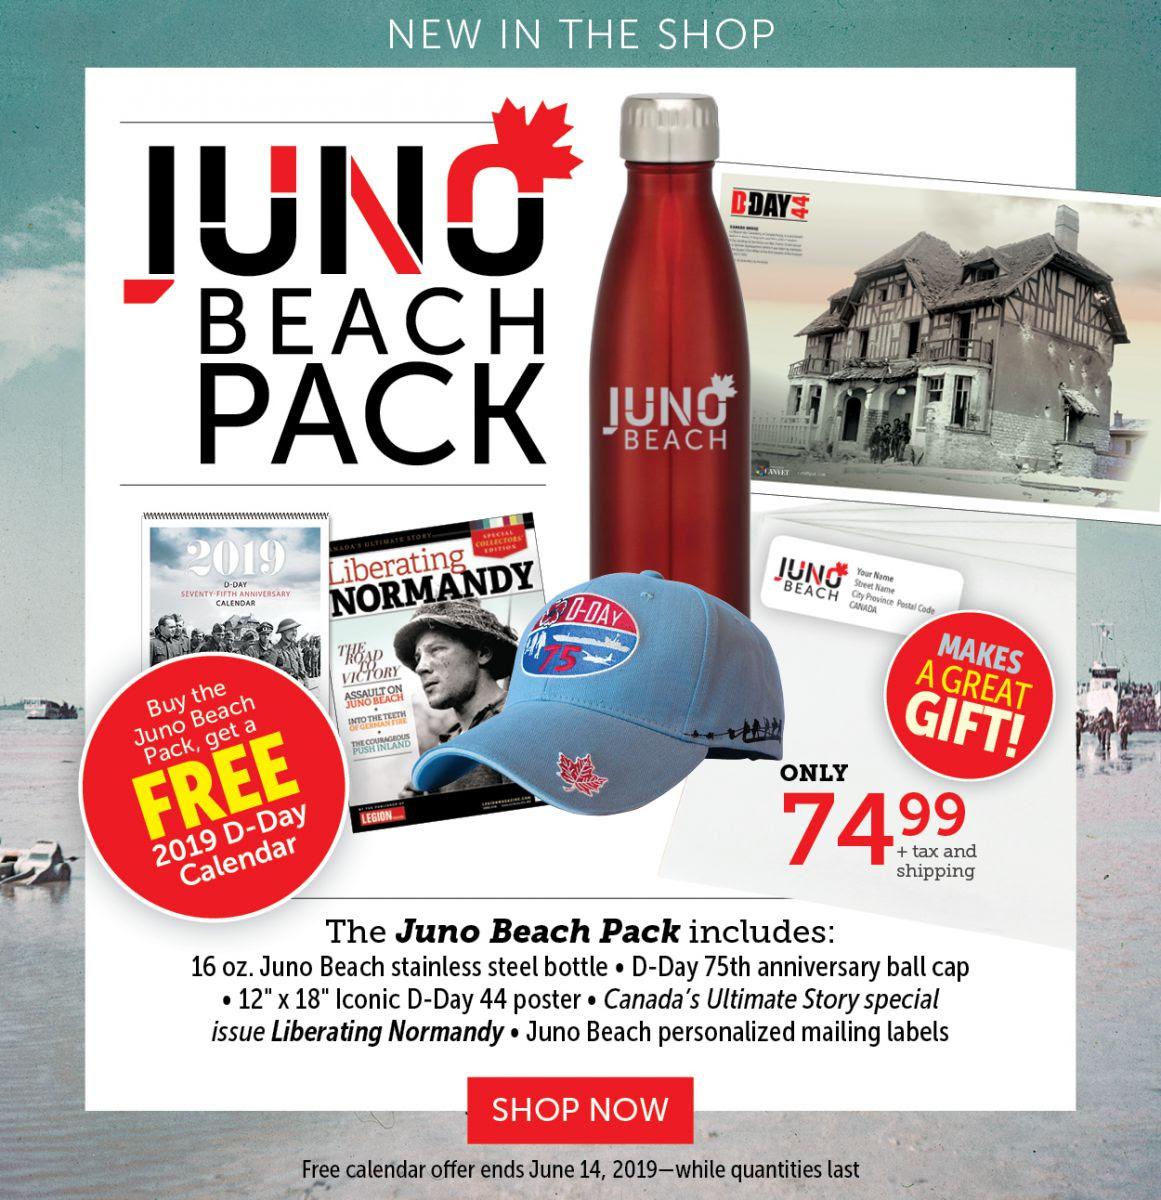 Juno Beach Pack